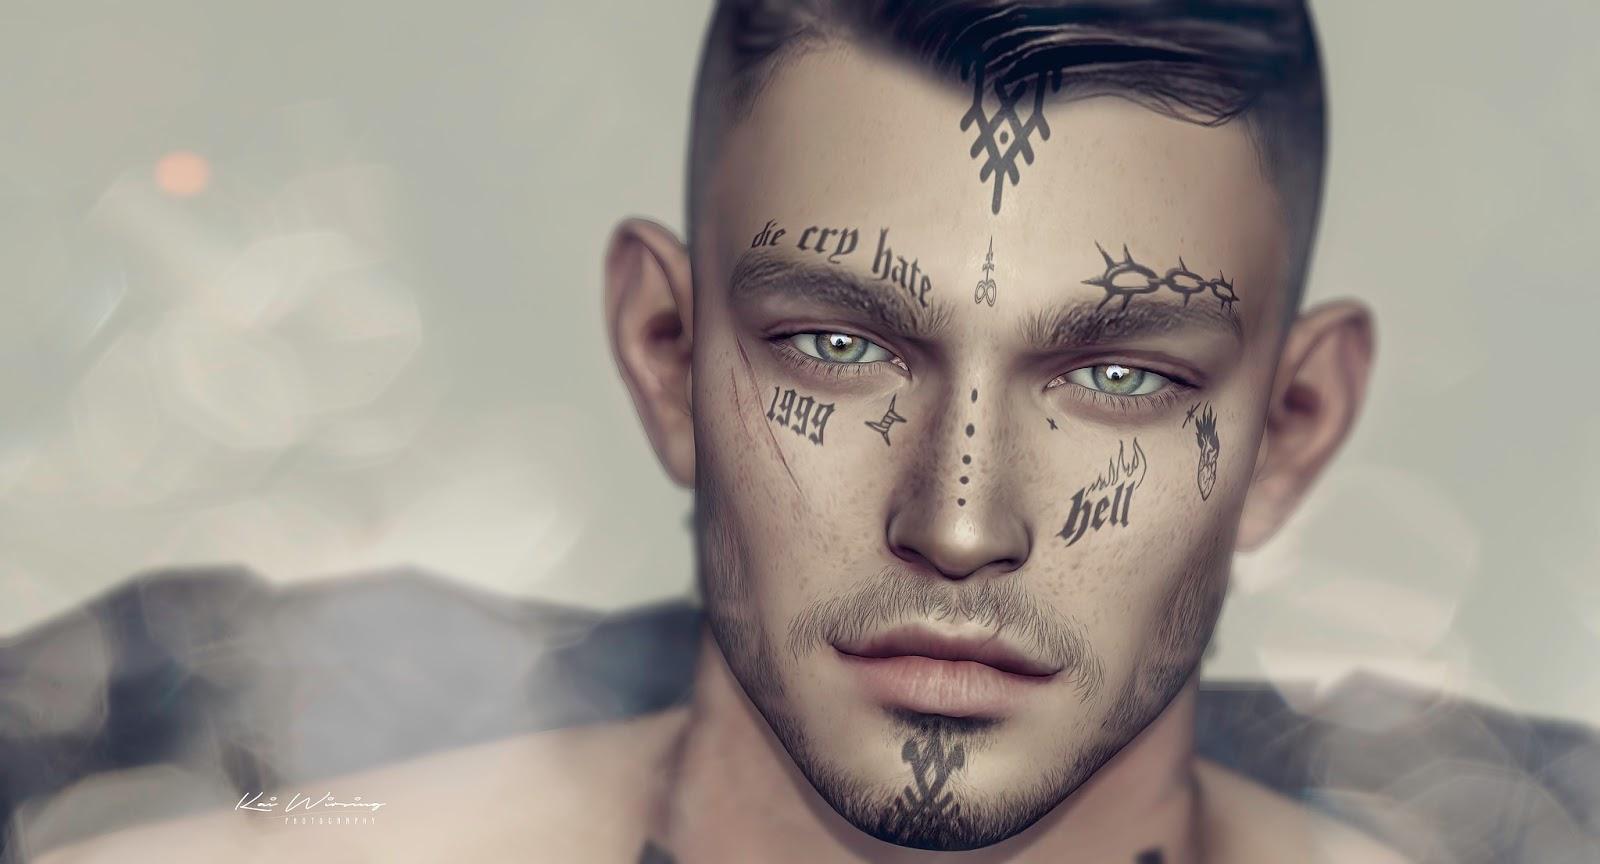 DAPPA - Hell Face Tattoo.@TMD